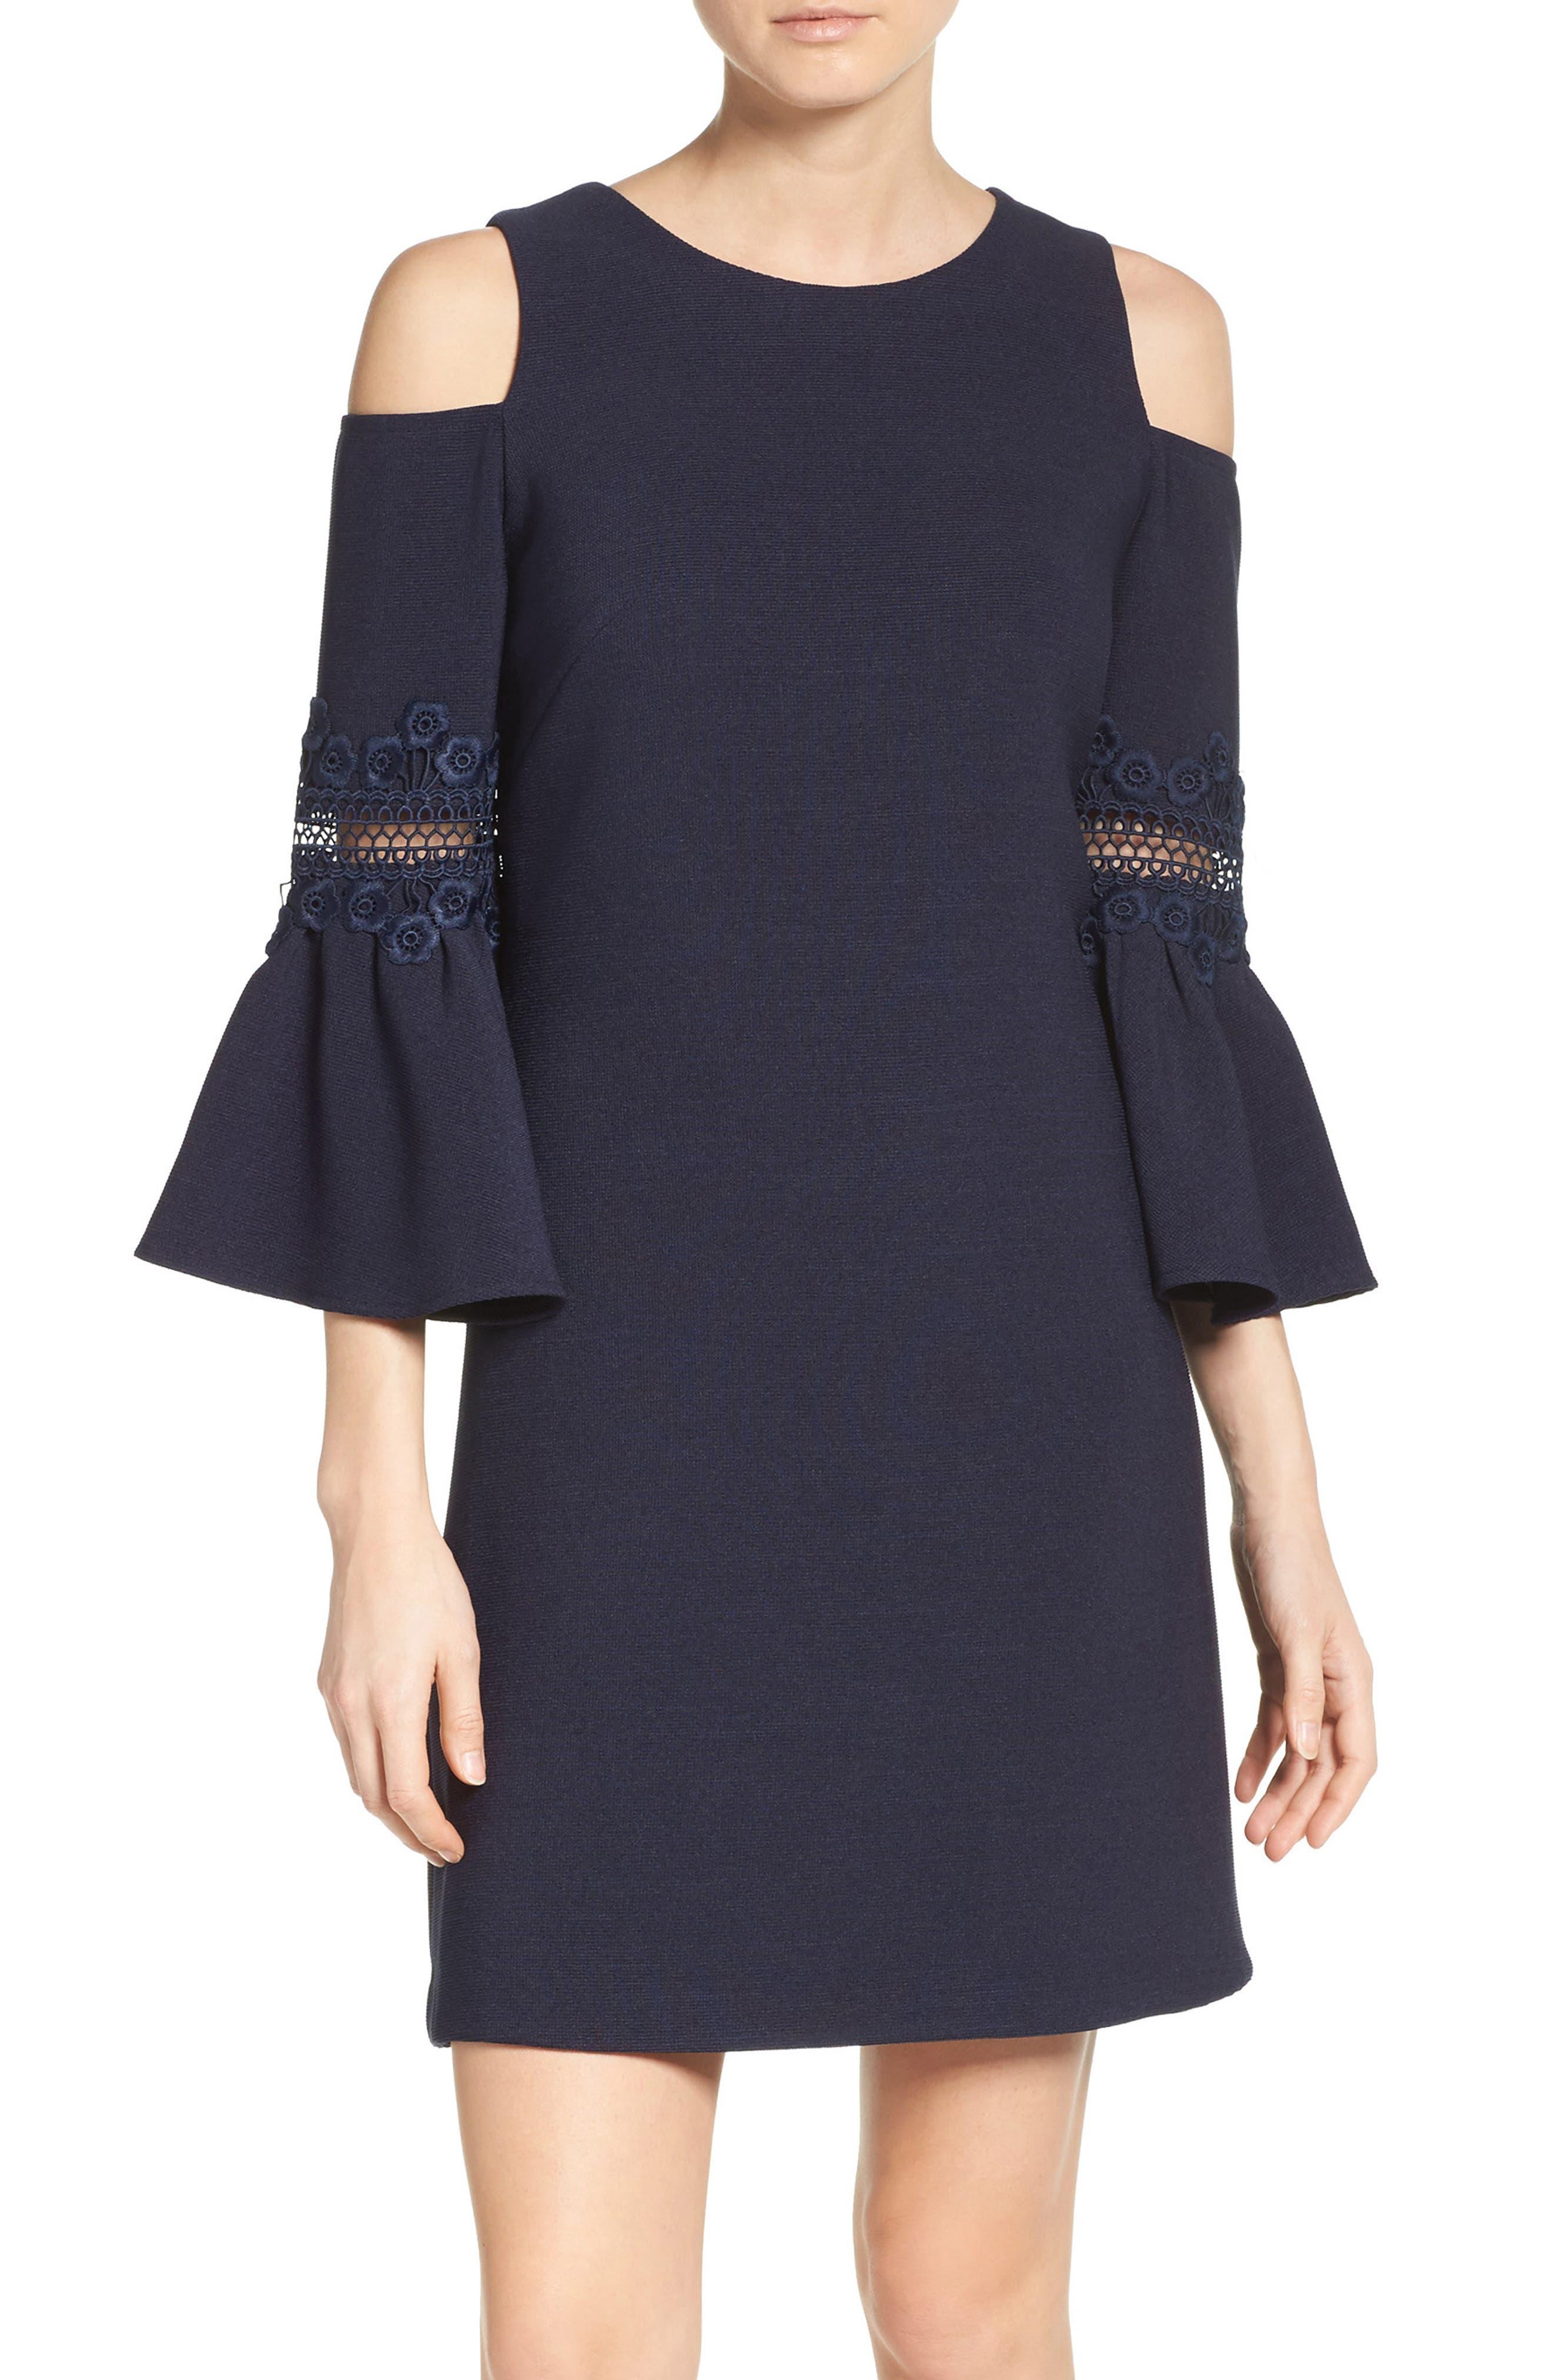 Lace Appliqué Crepe Cold Shoulder Dress,                             Main thumbnail 1, color,                             410